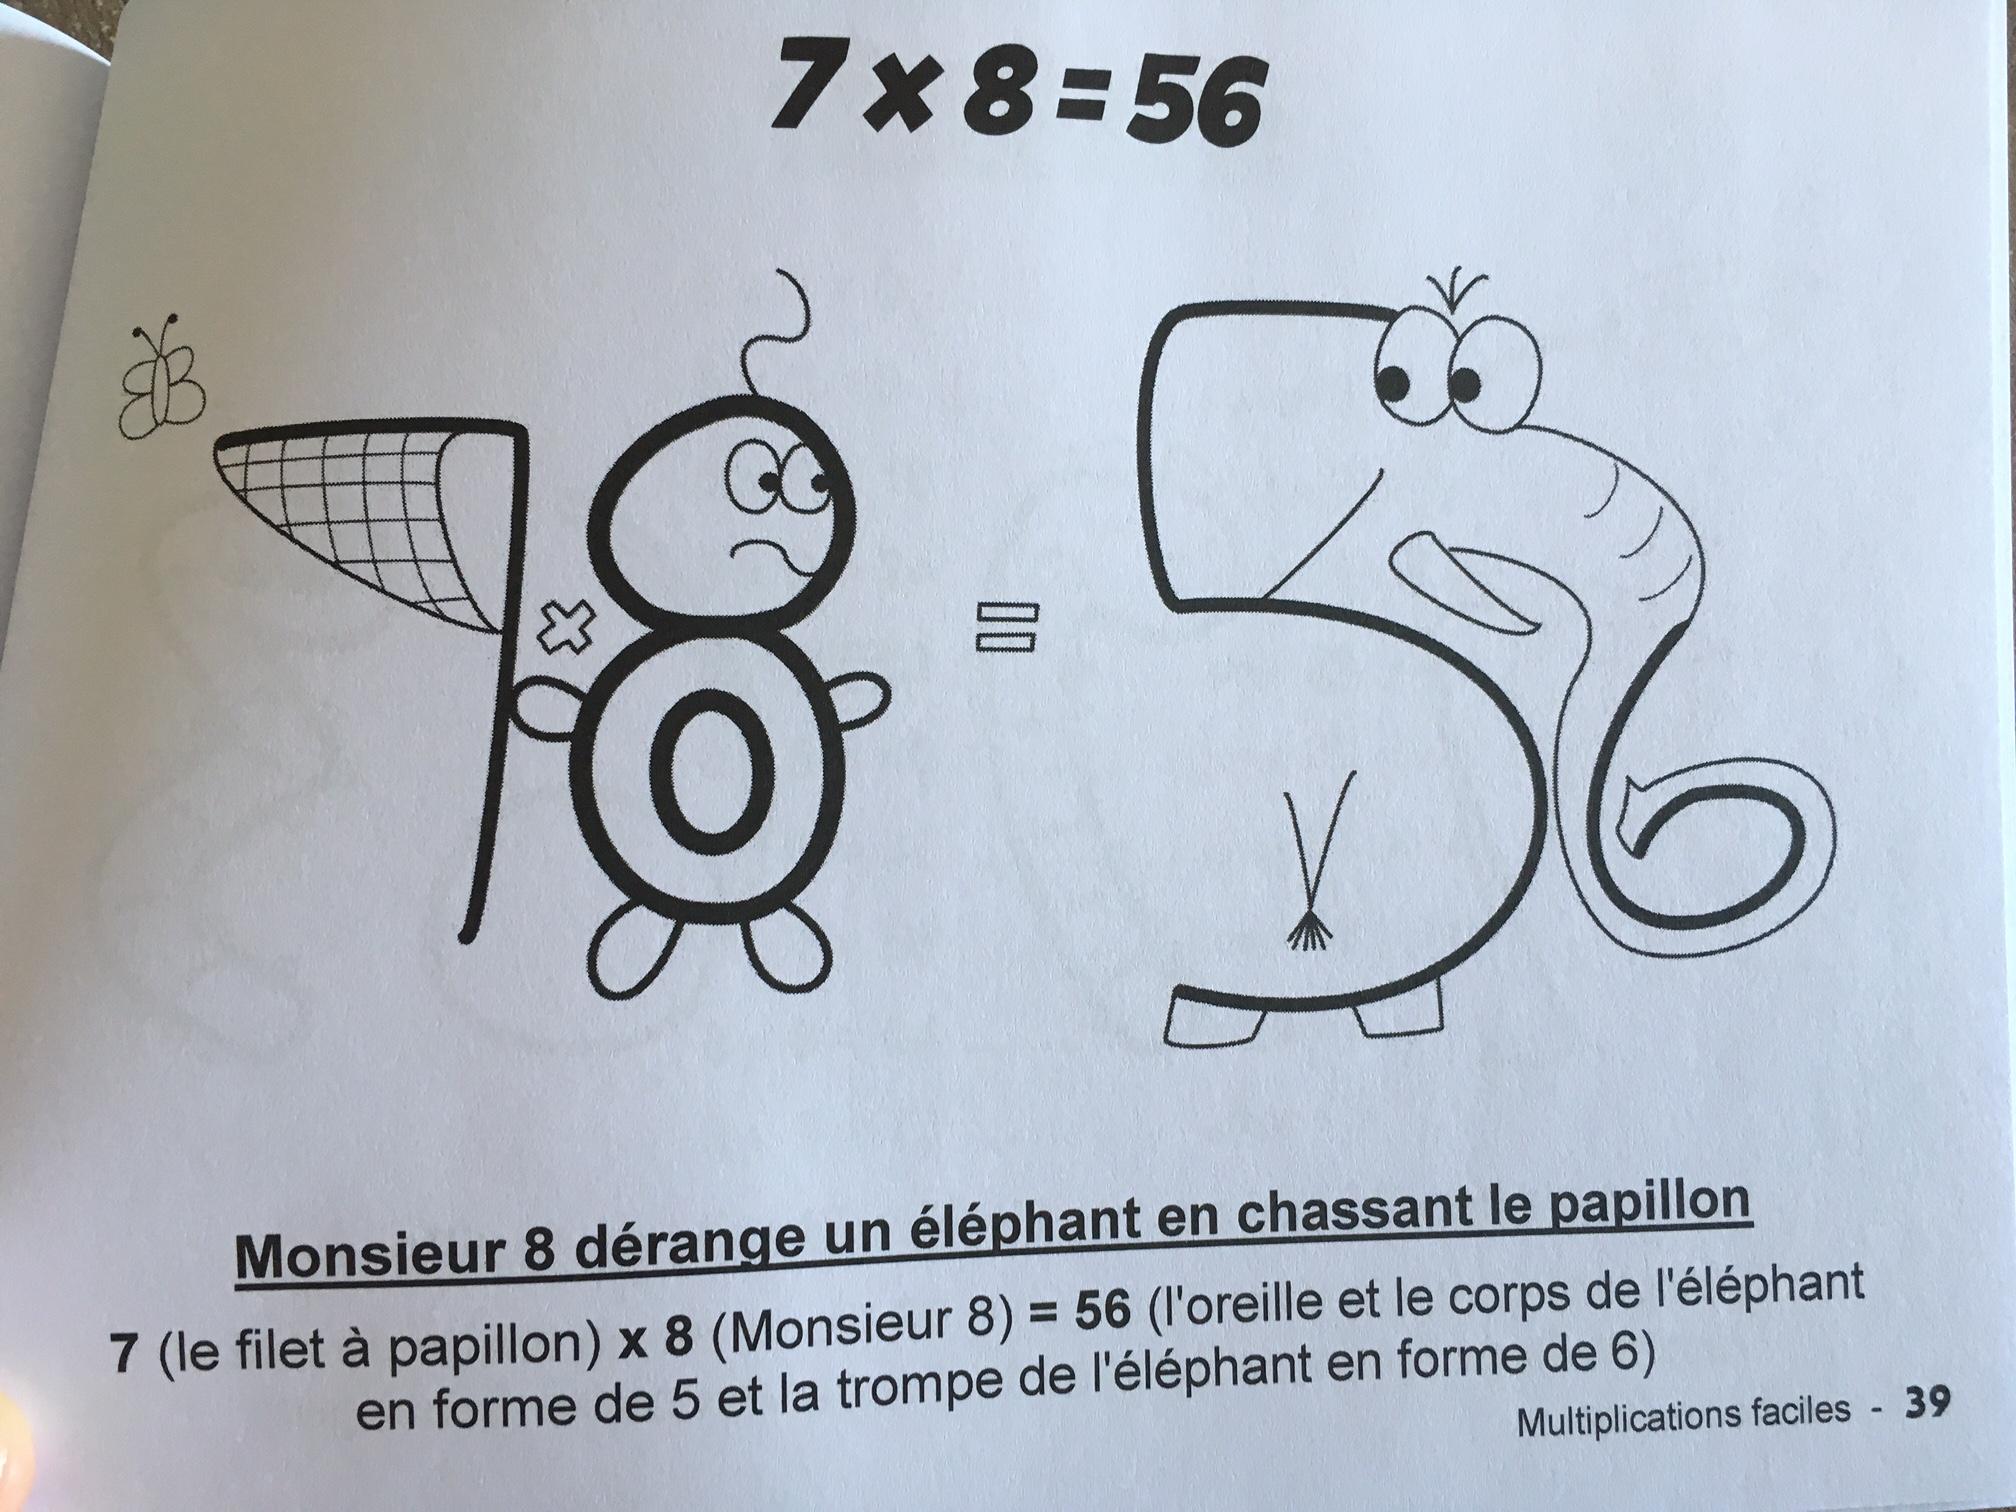 Multiplications faciles pour apprendre les tables de multiplication en s 39 amusant - Apprendre table multiplication facilement ...